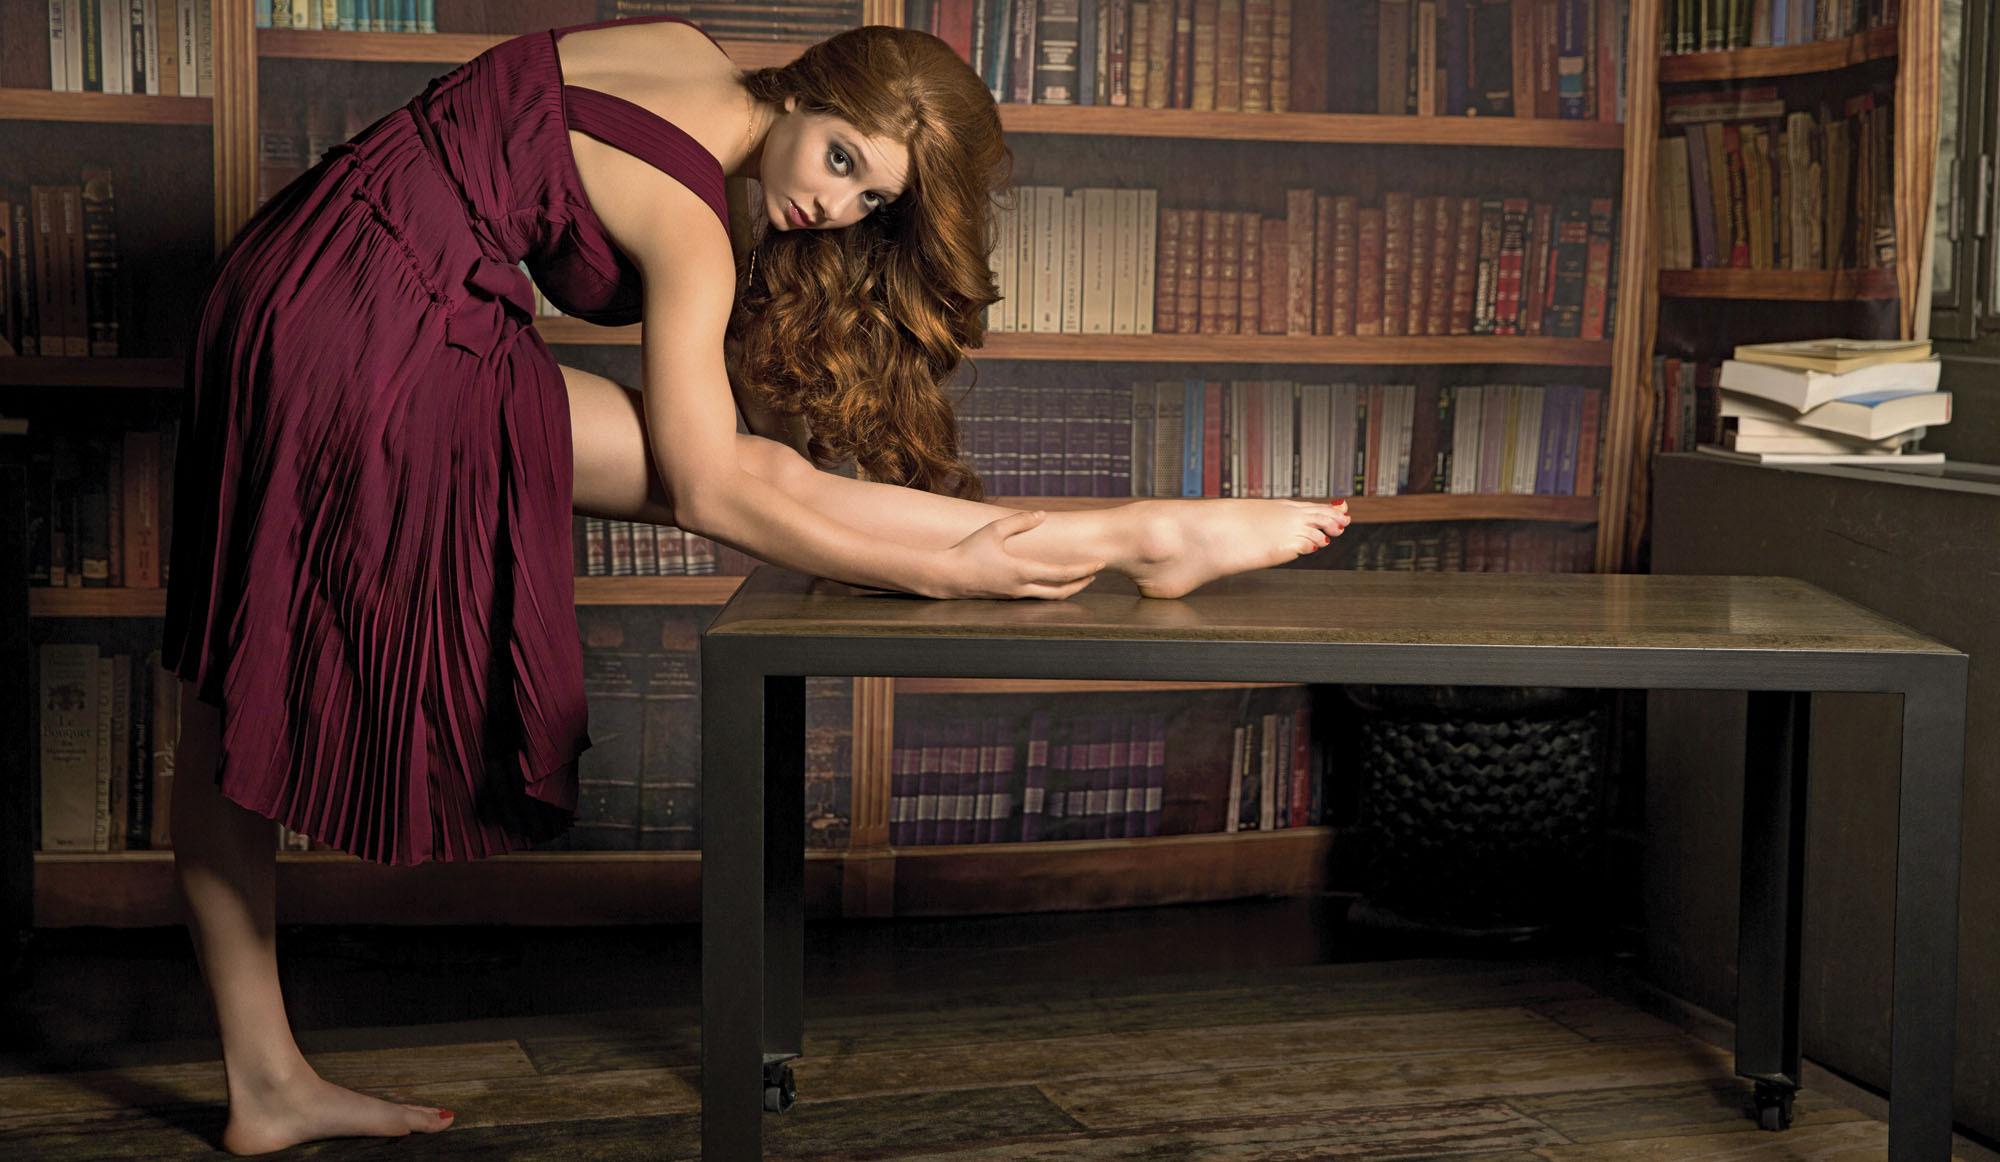 Laura Giraudi naked (24 fotos) Bikini, iCloud, panties